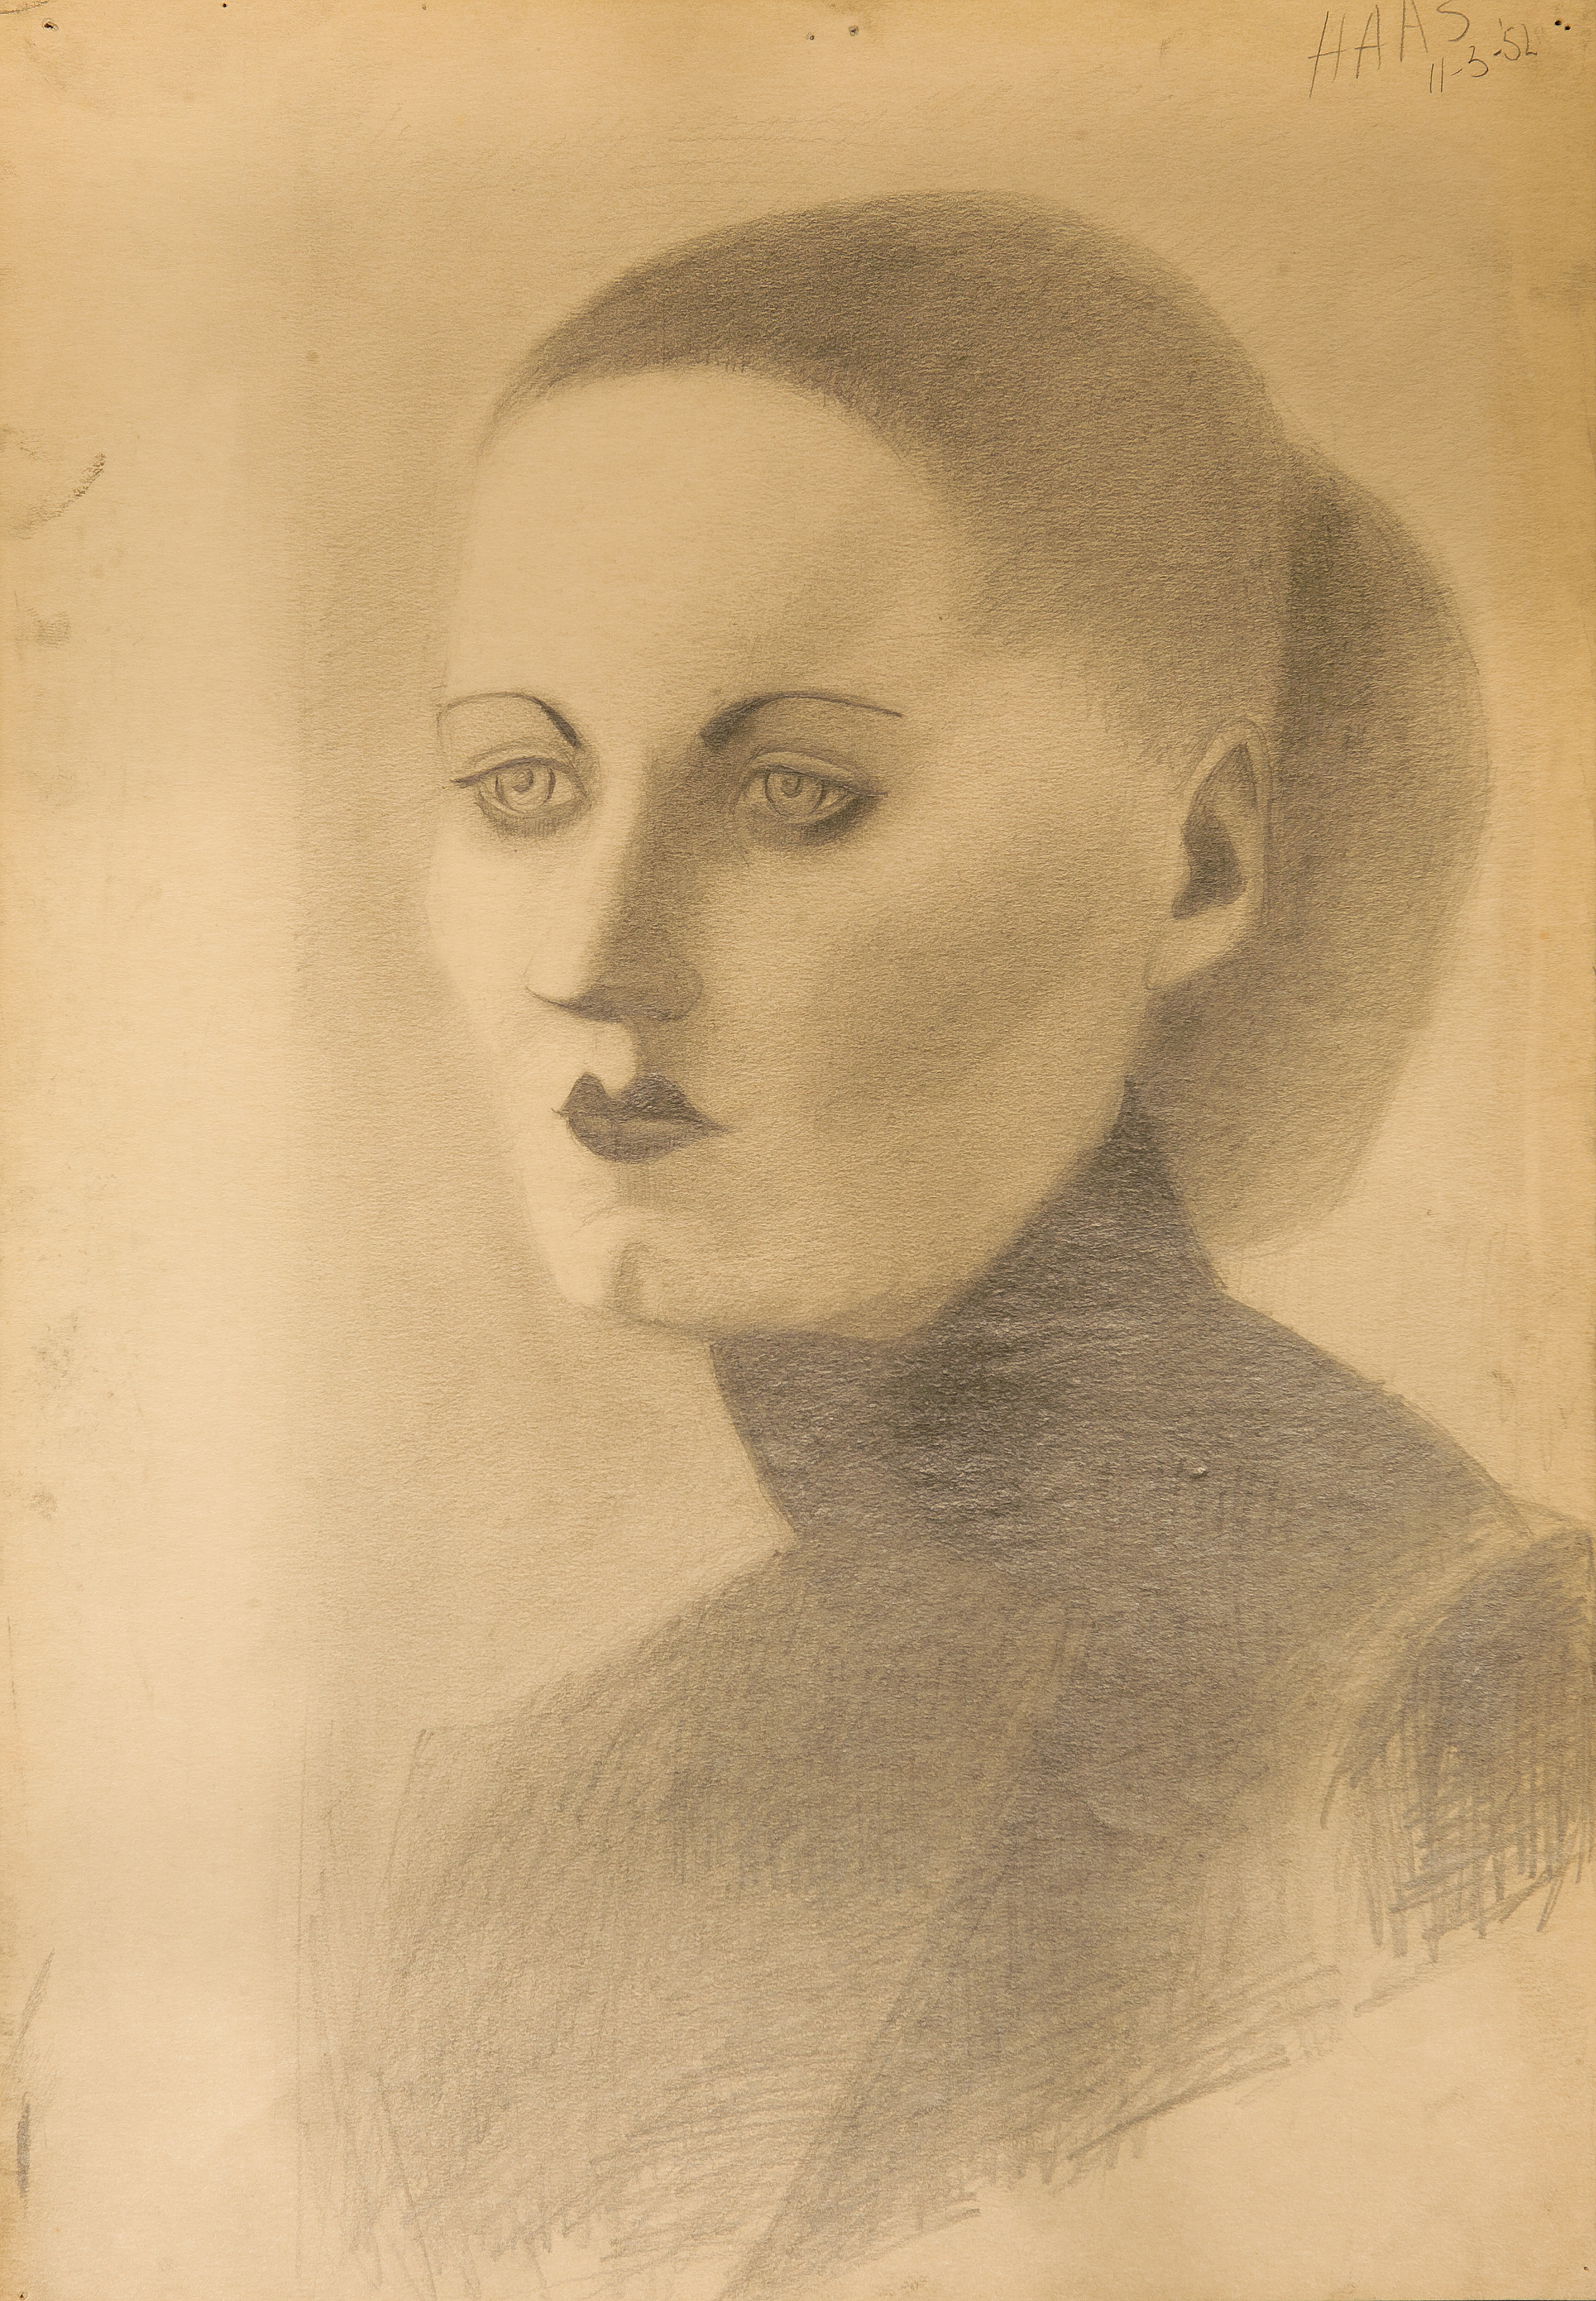 portretstudie vrouw